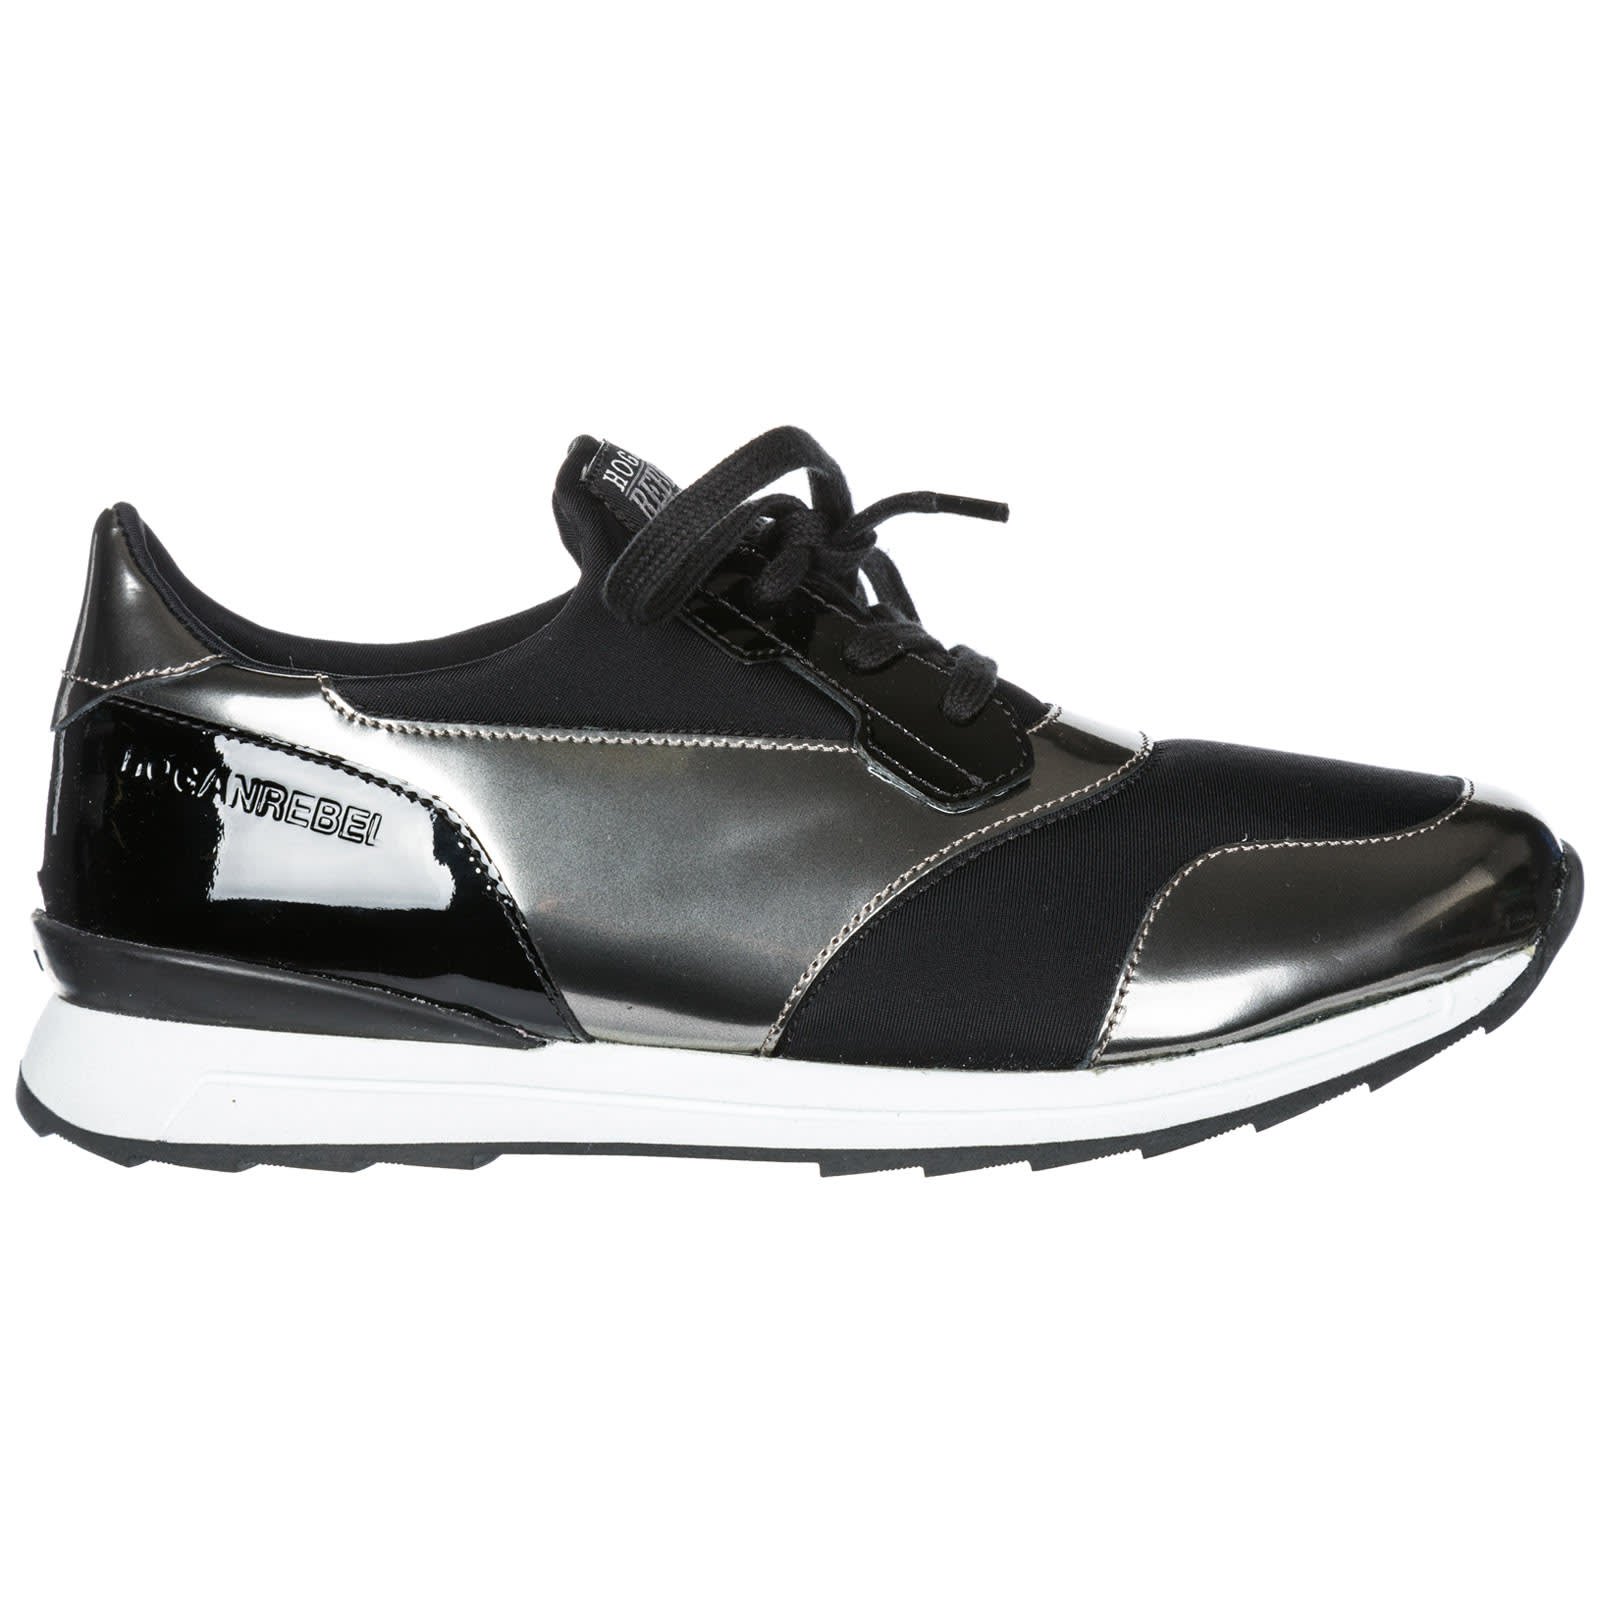 R261 Sneakers